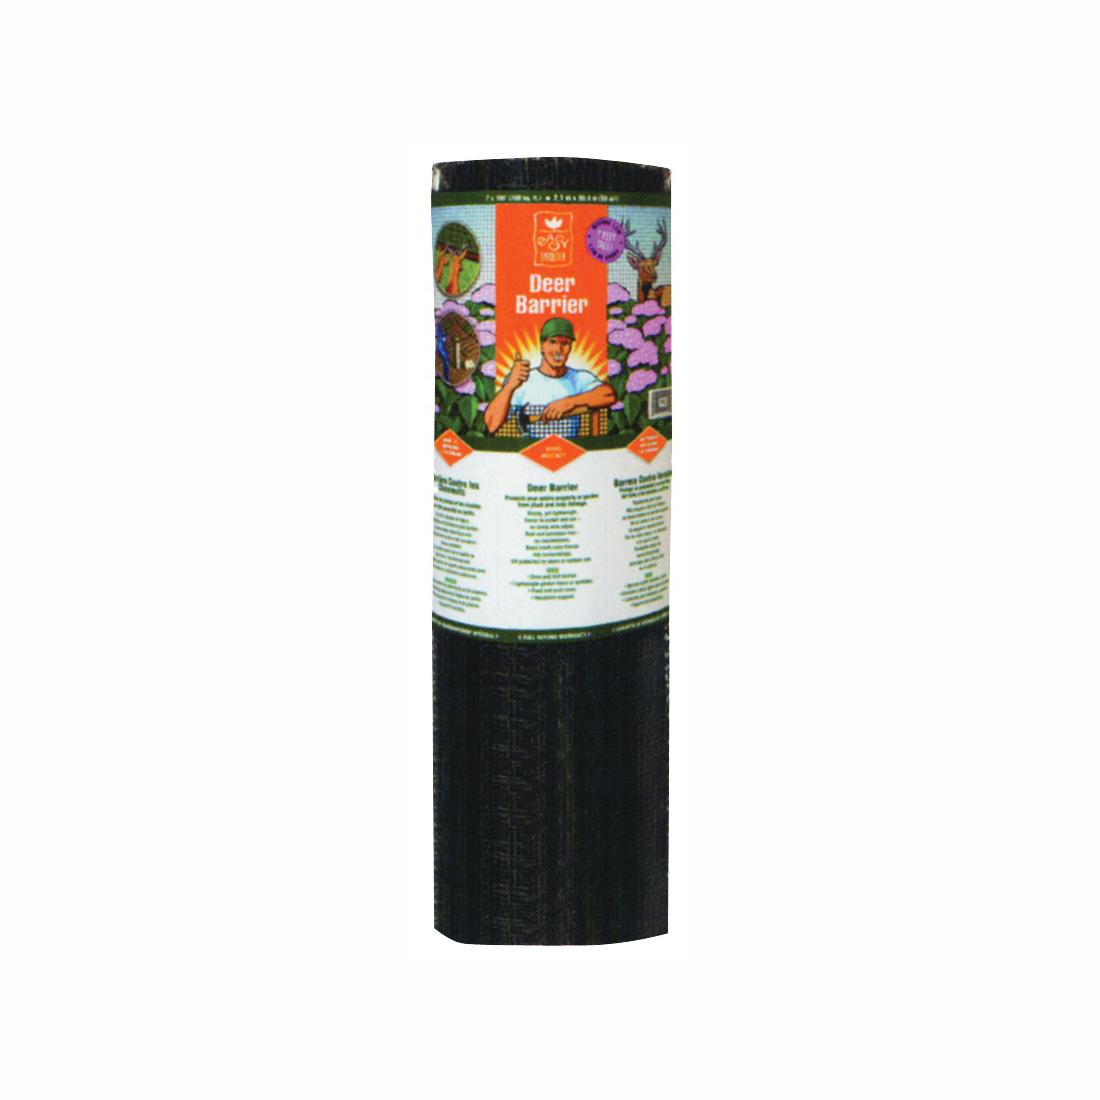 Picture of Jobes LG400171 Deer Barrier, 100 ft L, 7 ft H, Polypropylene, Black